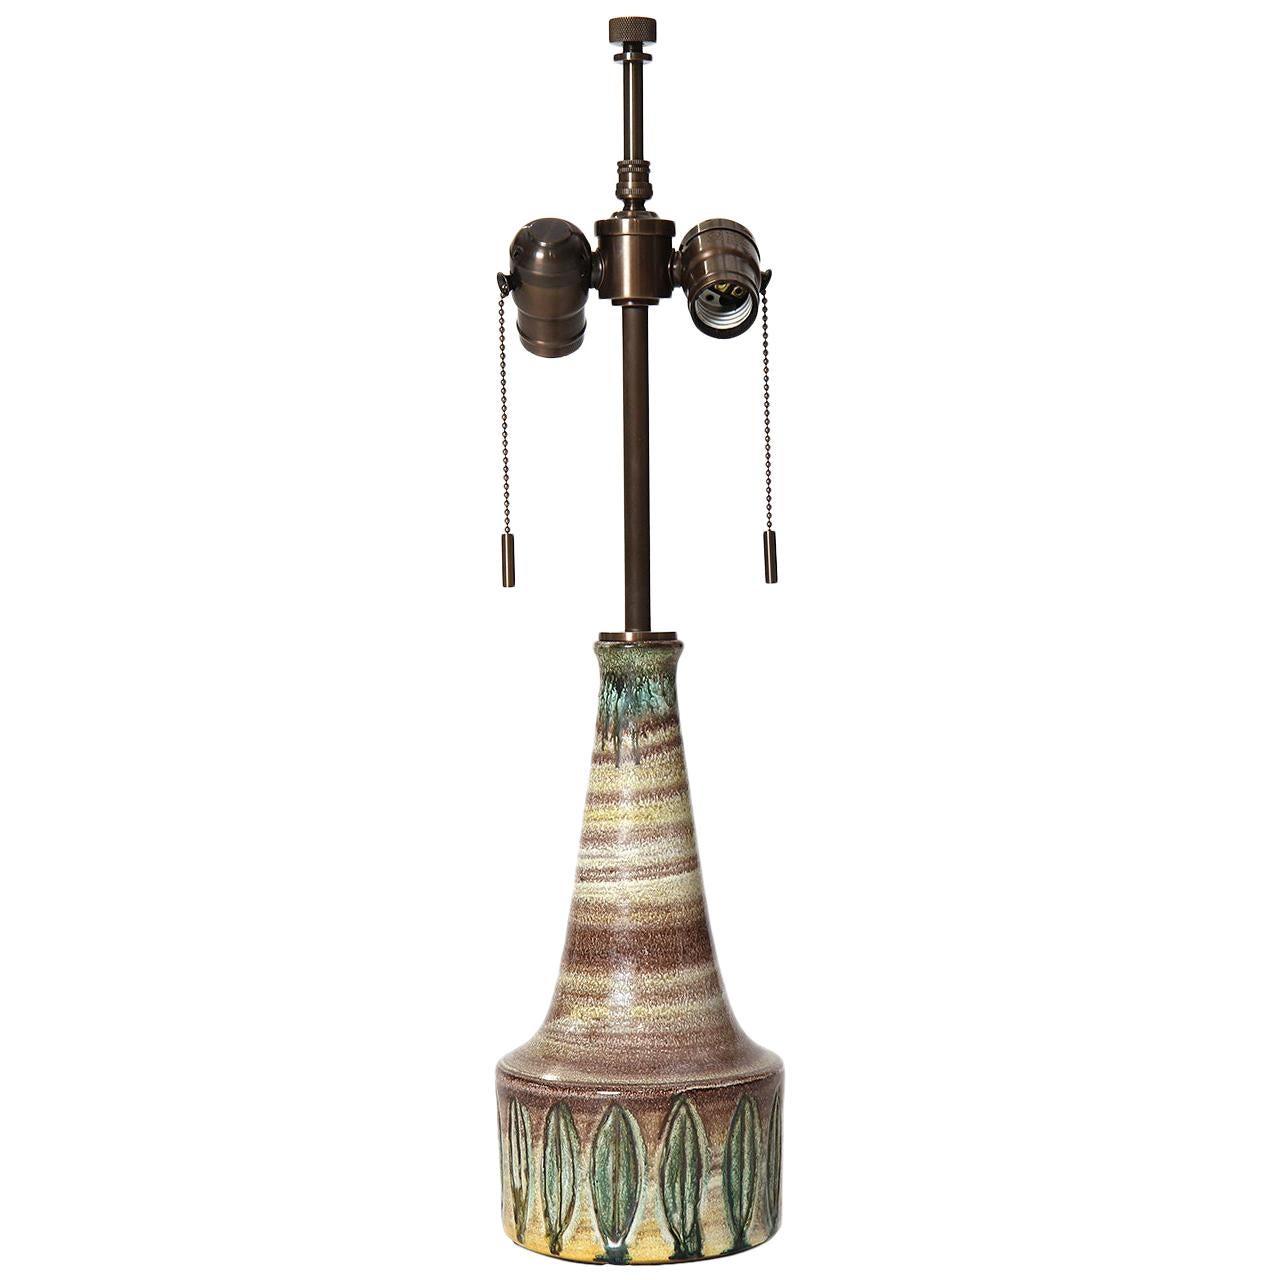 Danish Modern Ceramic Table Lamp